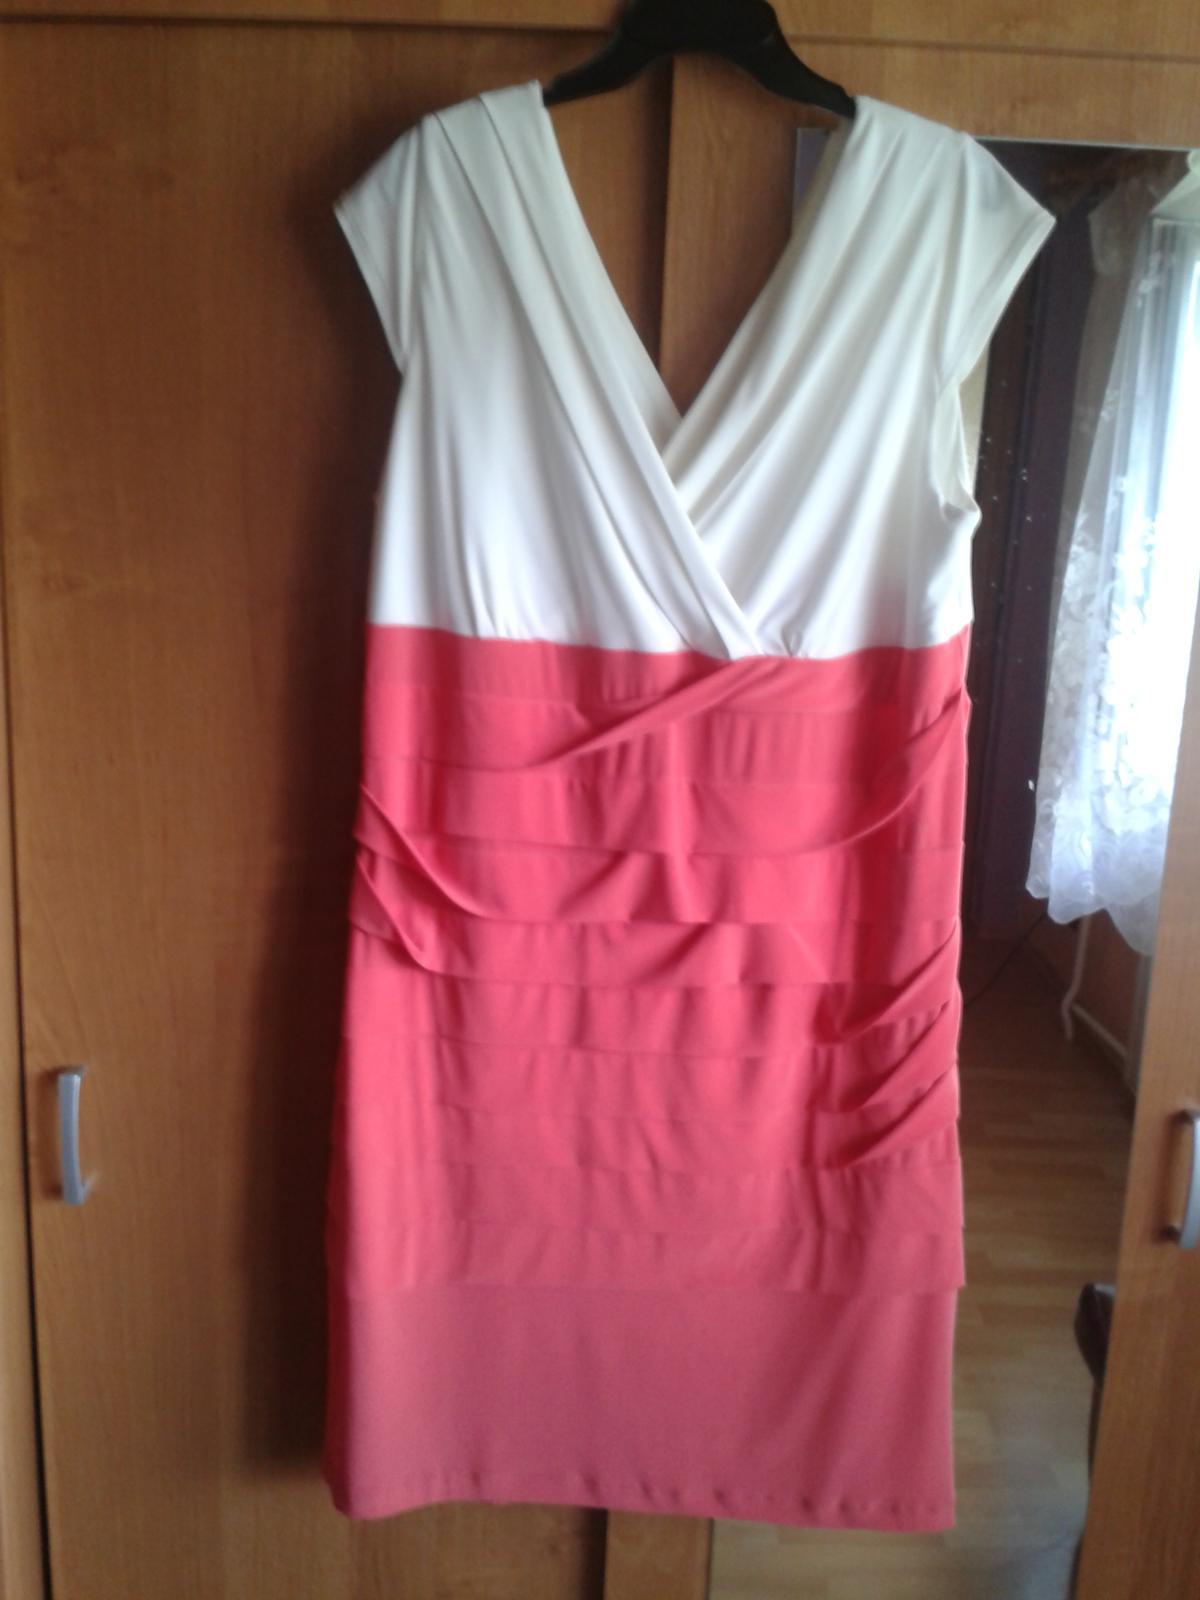 Bielo-ružové šaty - Obrázok č. 1